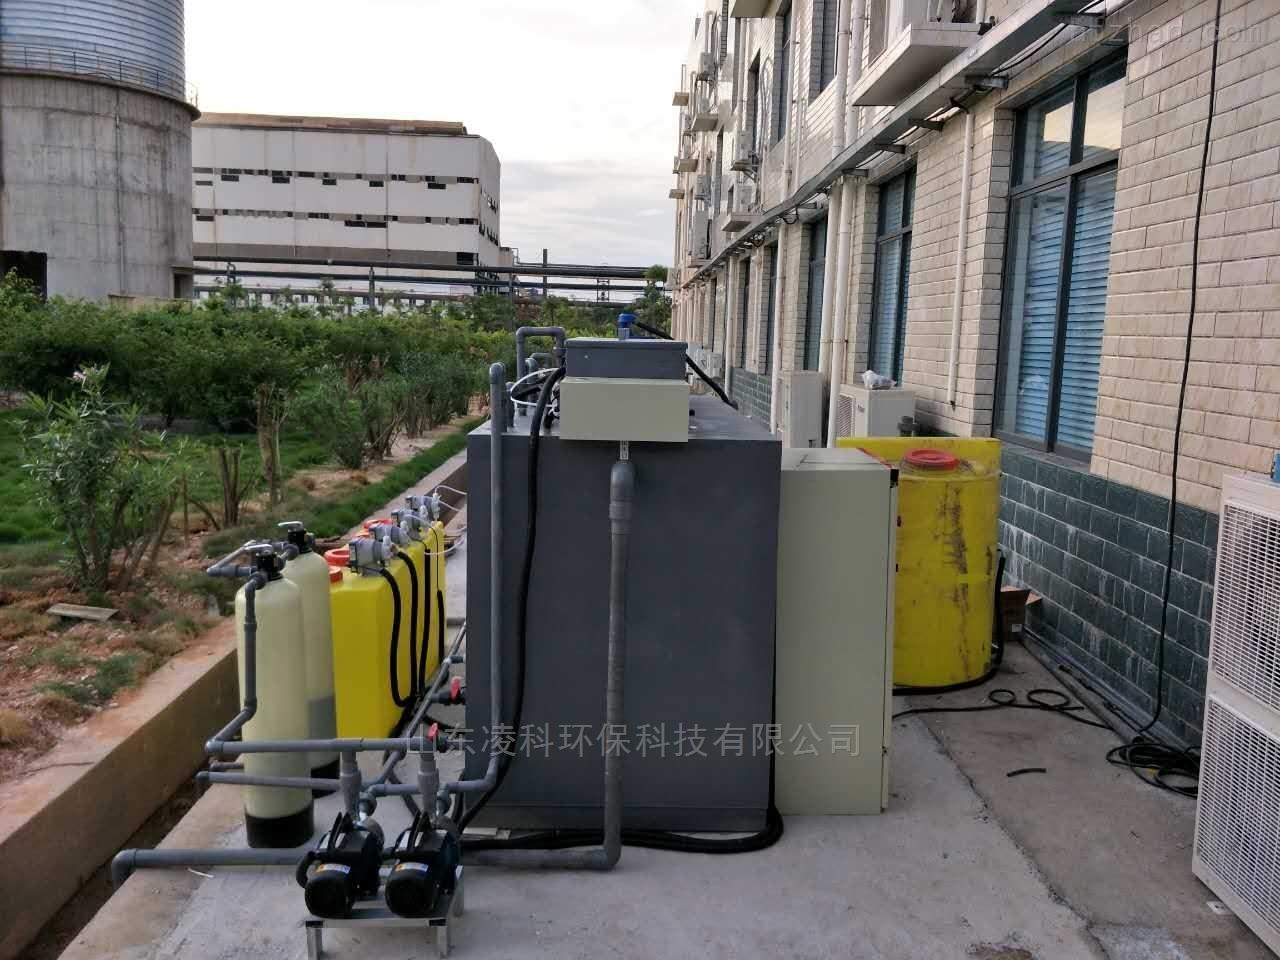 至通小型实验室污水处理设备承诺守信